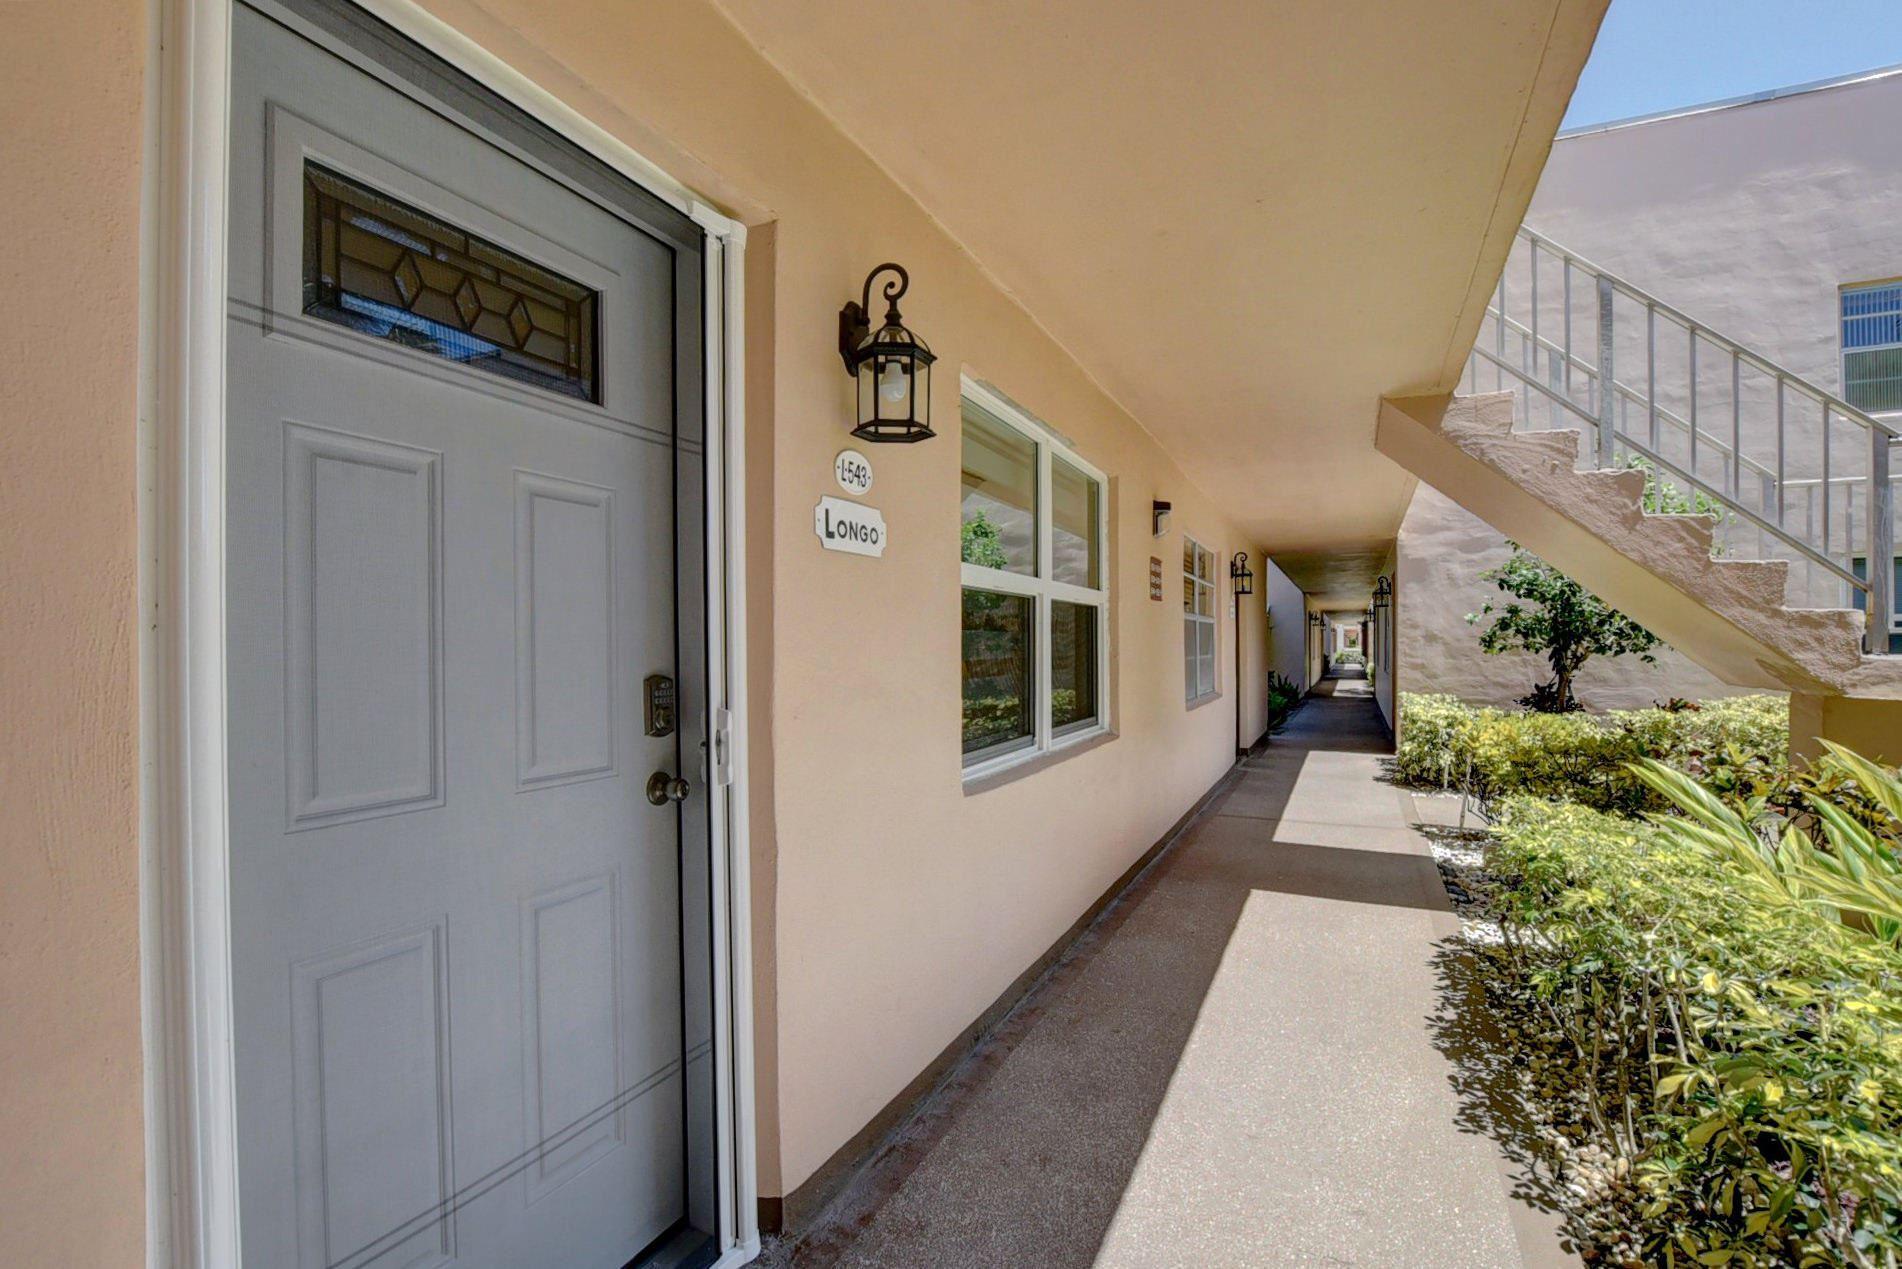 543 Burgundy L, Delray Beach, FL 33484 - #: RX-10632674